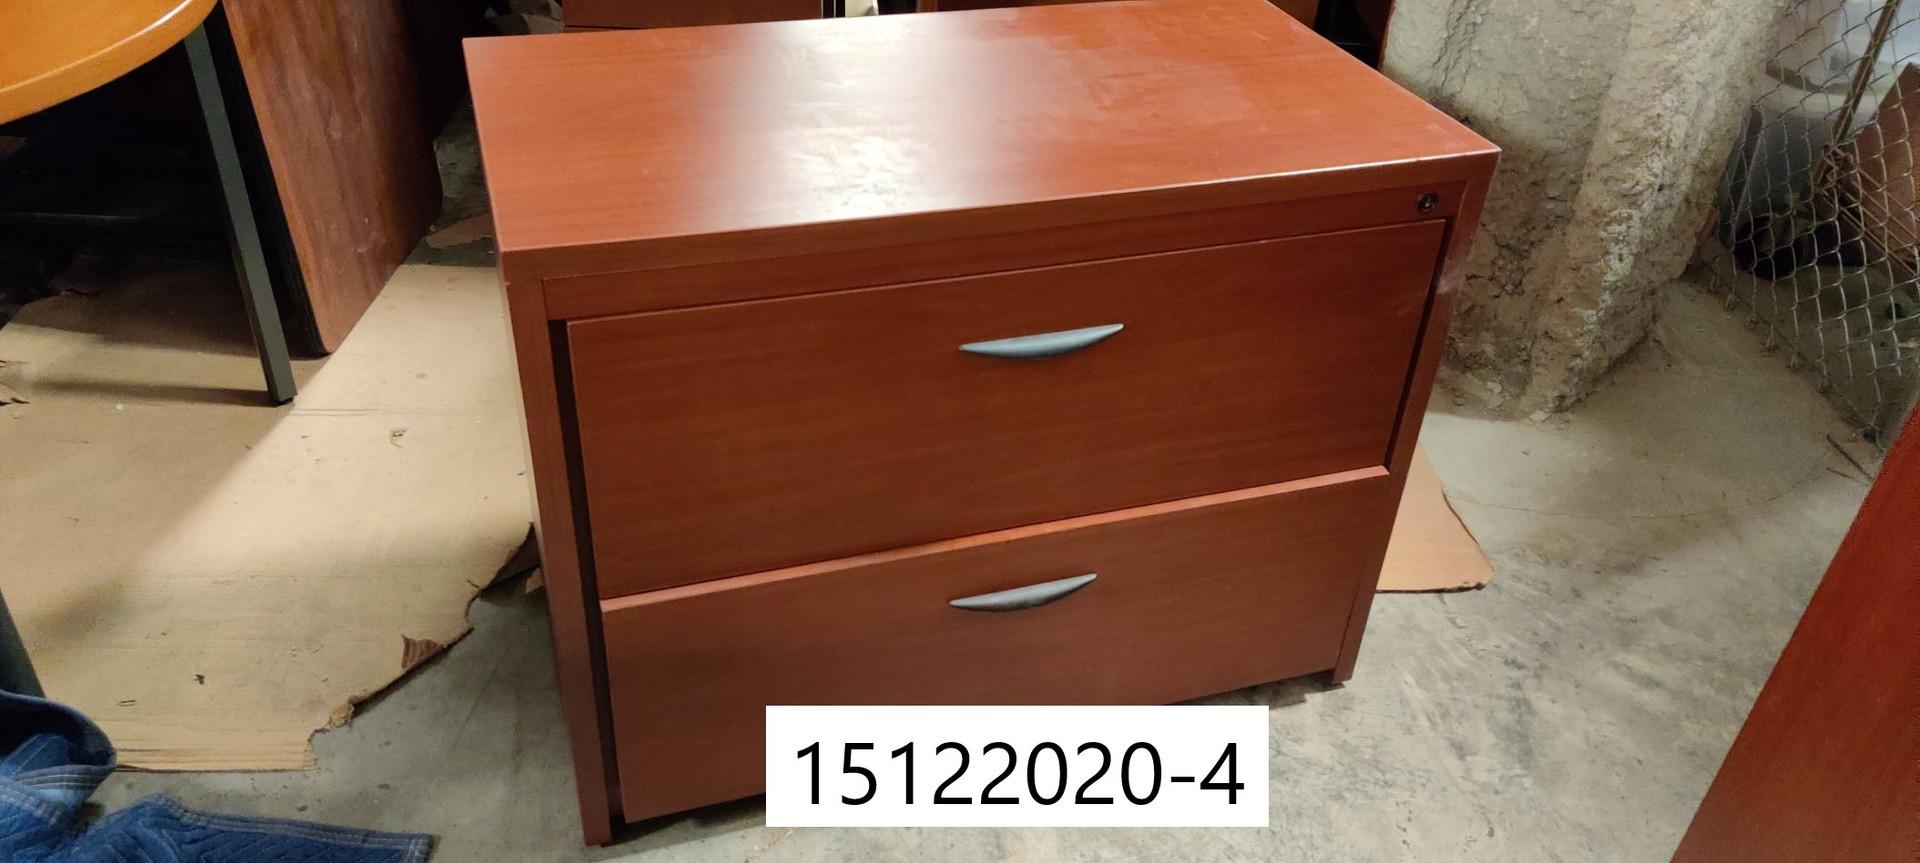 15122020-4.jpg